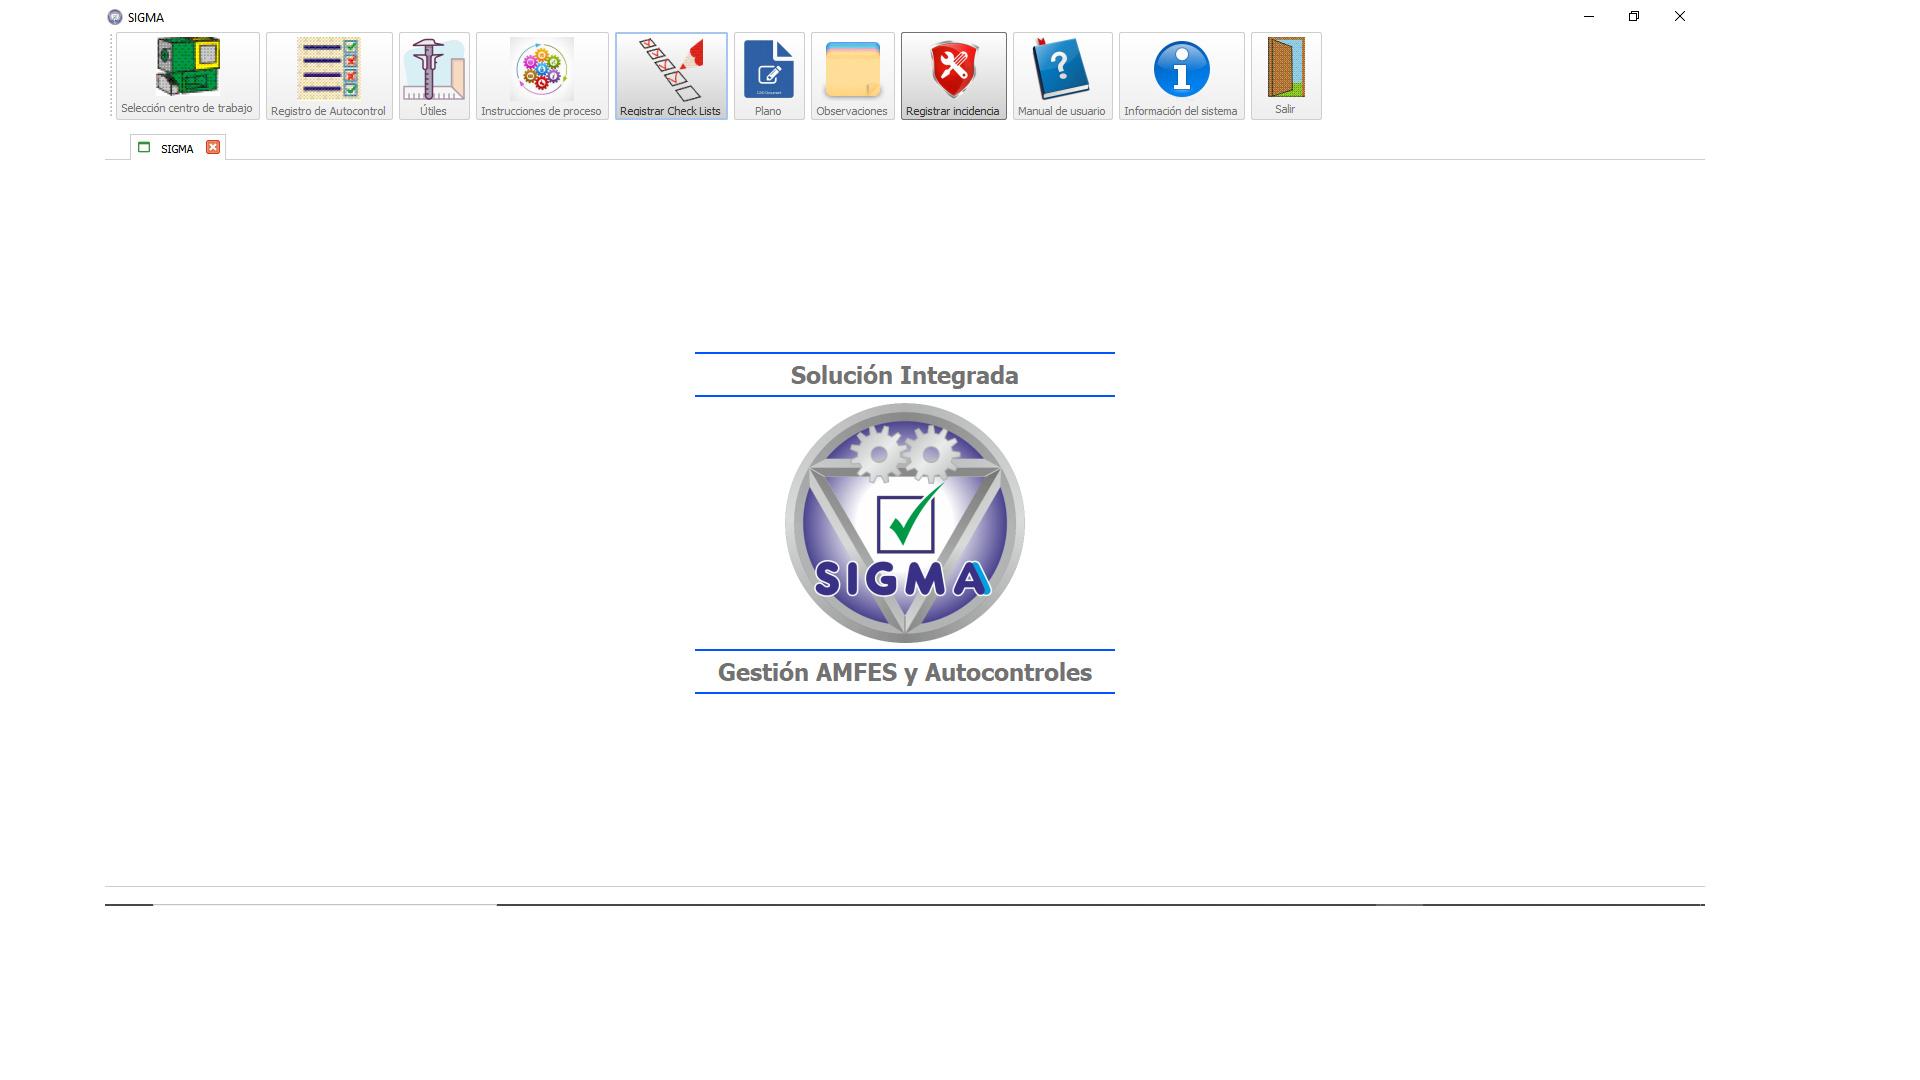 Registros de autocontrol: - Calidad - Producción - Recepción - Auditores de producto y proceso